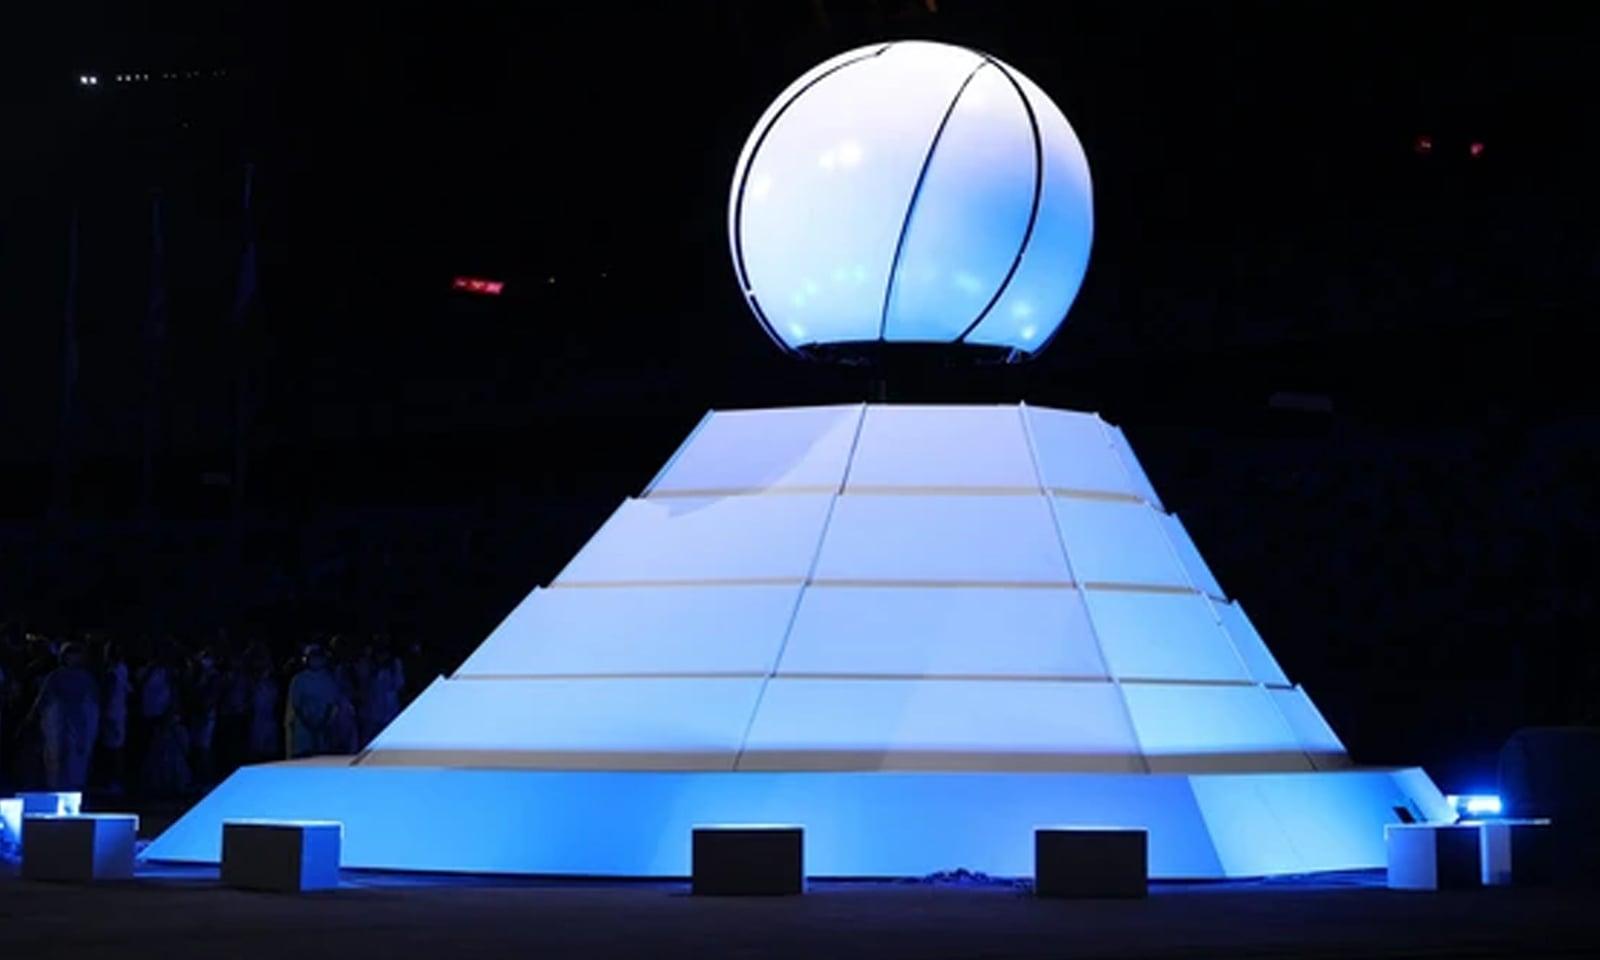 اولمپک مشعل ٹوکیو میں بجھ گئی اور اب 2024 میں پیرس میں پھر روشن ہوگی—فوٹو:رائٹرز